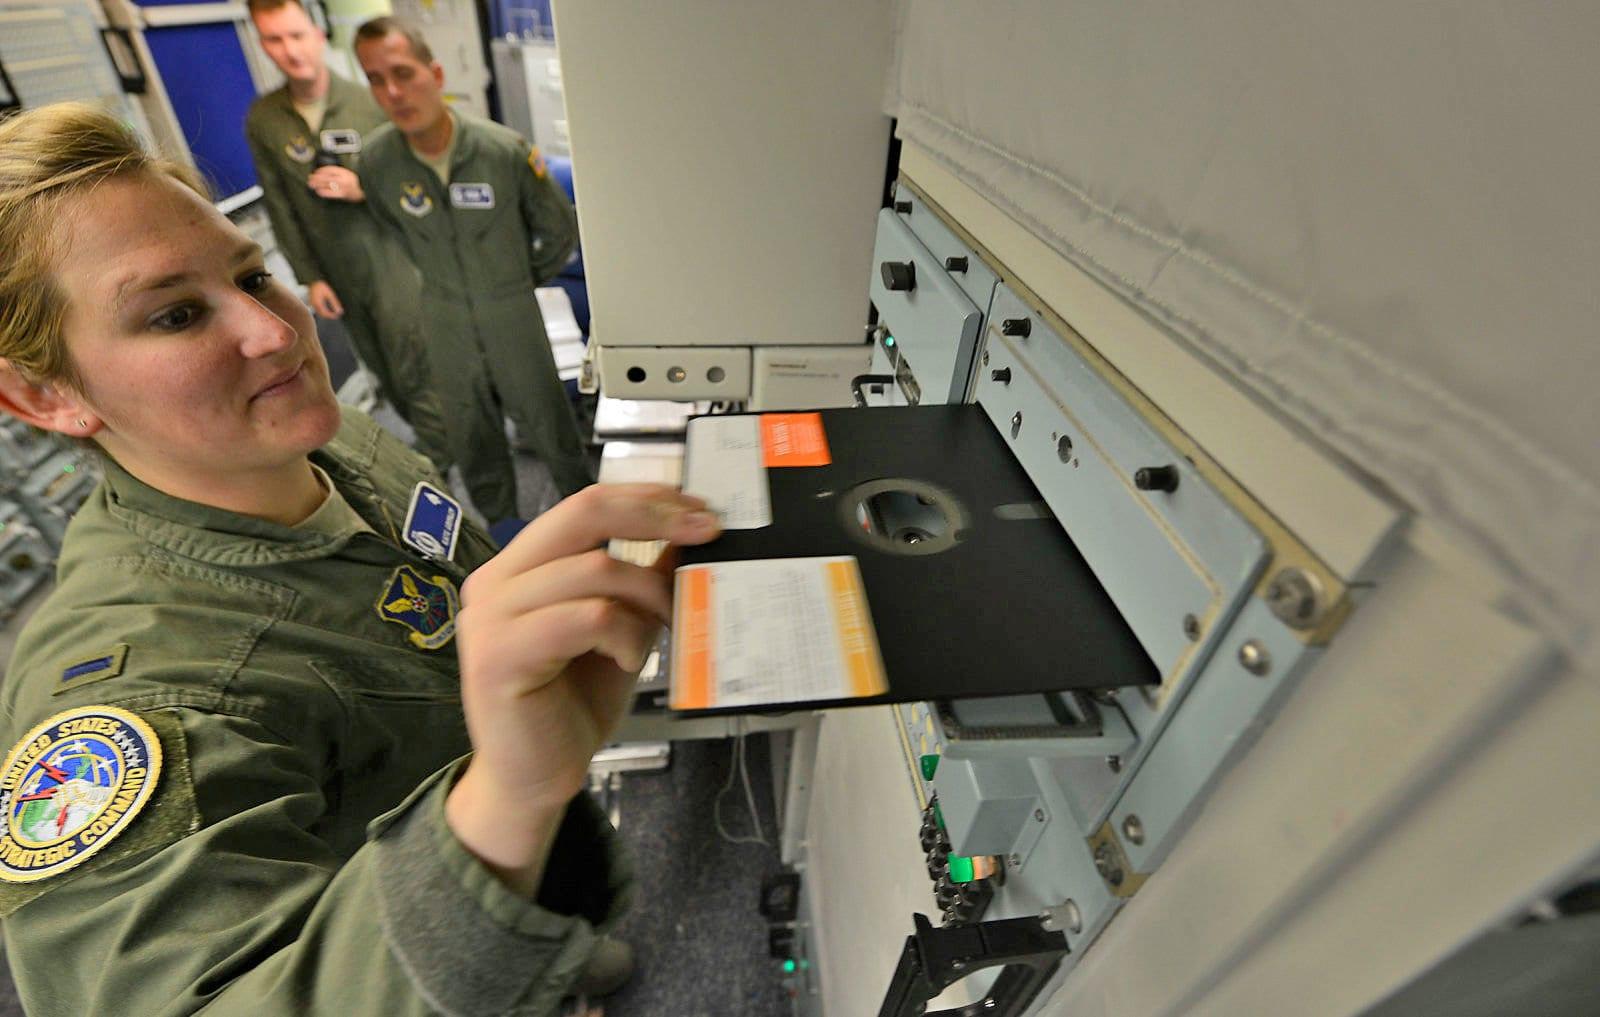 Quân đội Mỹ ngừng sử dụng… đĩa mềm để điều phối các nhiệm vụ phóng tên lửa hạt nhân